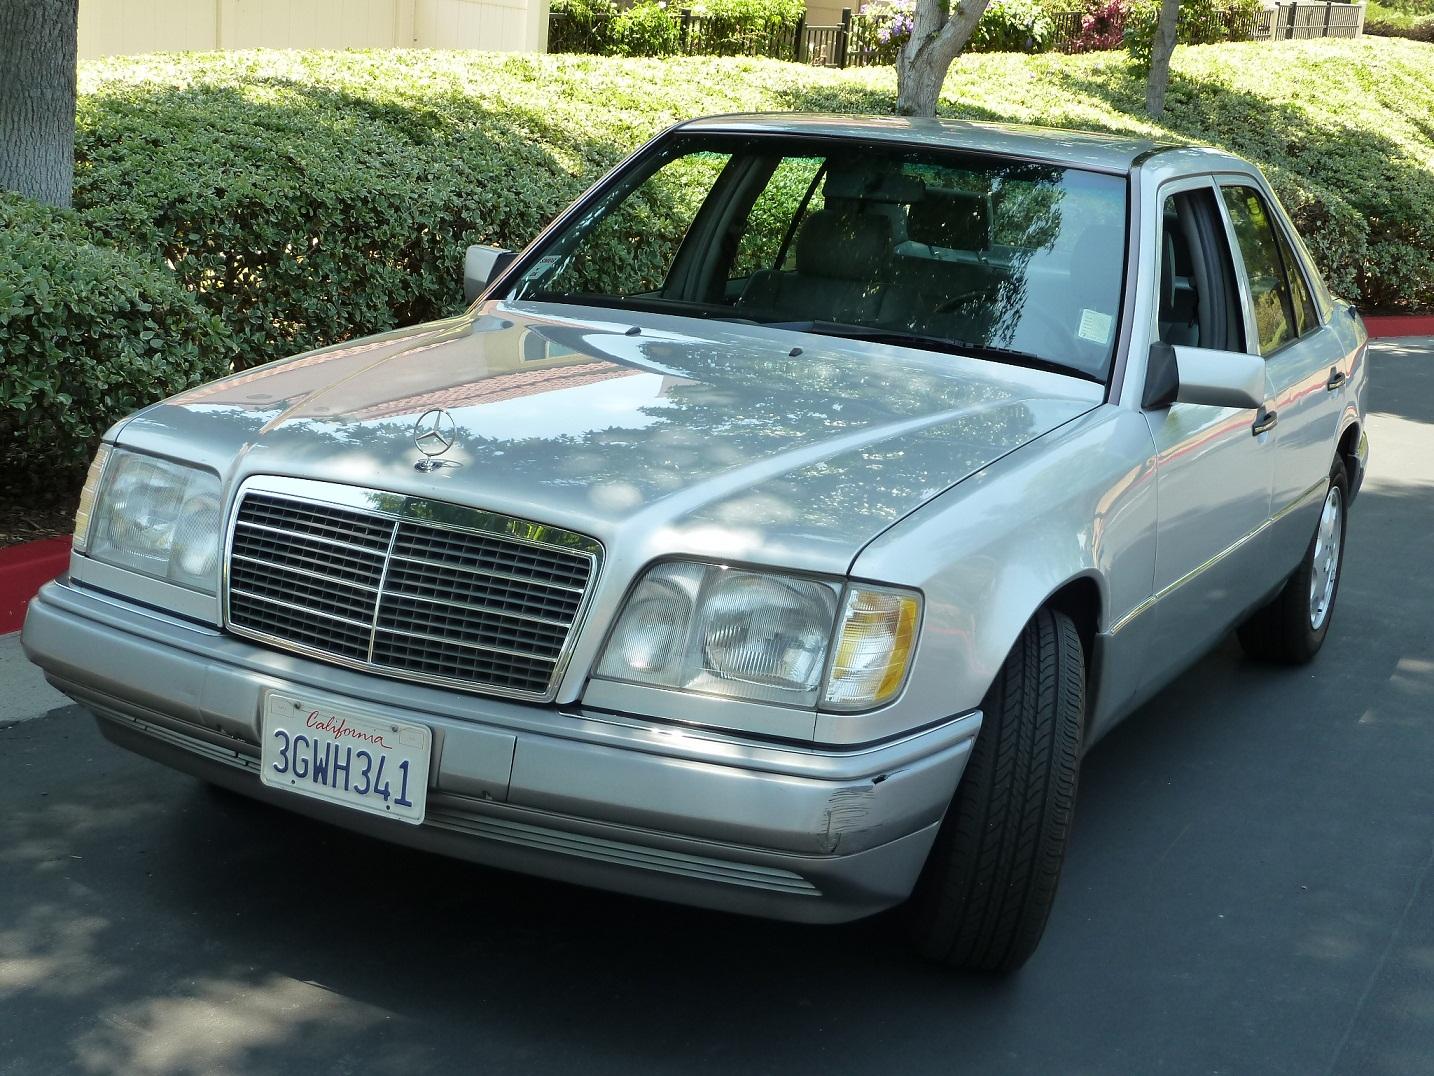 1994 mercedes e320 w124 inventory for Mercedes benz e320 1994